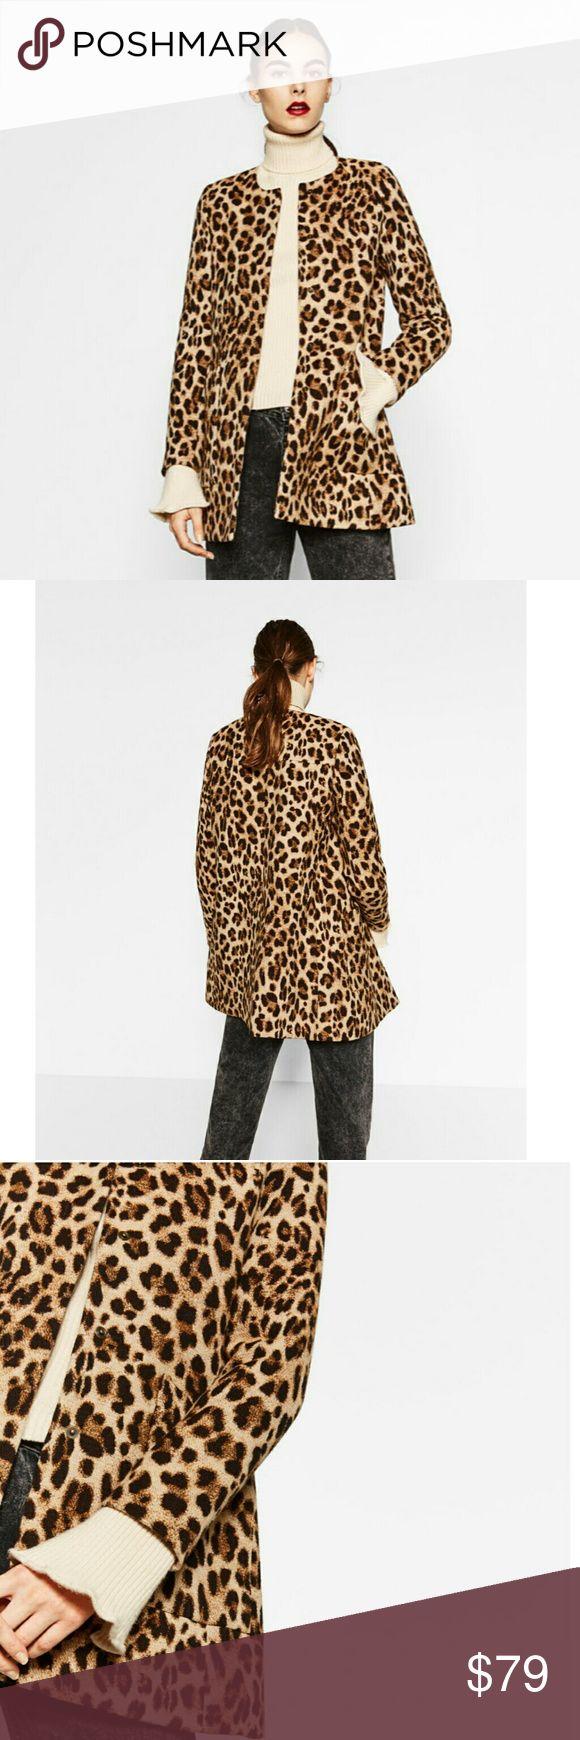 Zara Animal Print Frock Coat GORGEOUS !  New with tags.  No Trades! Zara Jackets & Coats